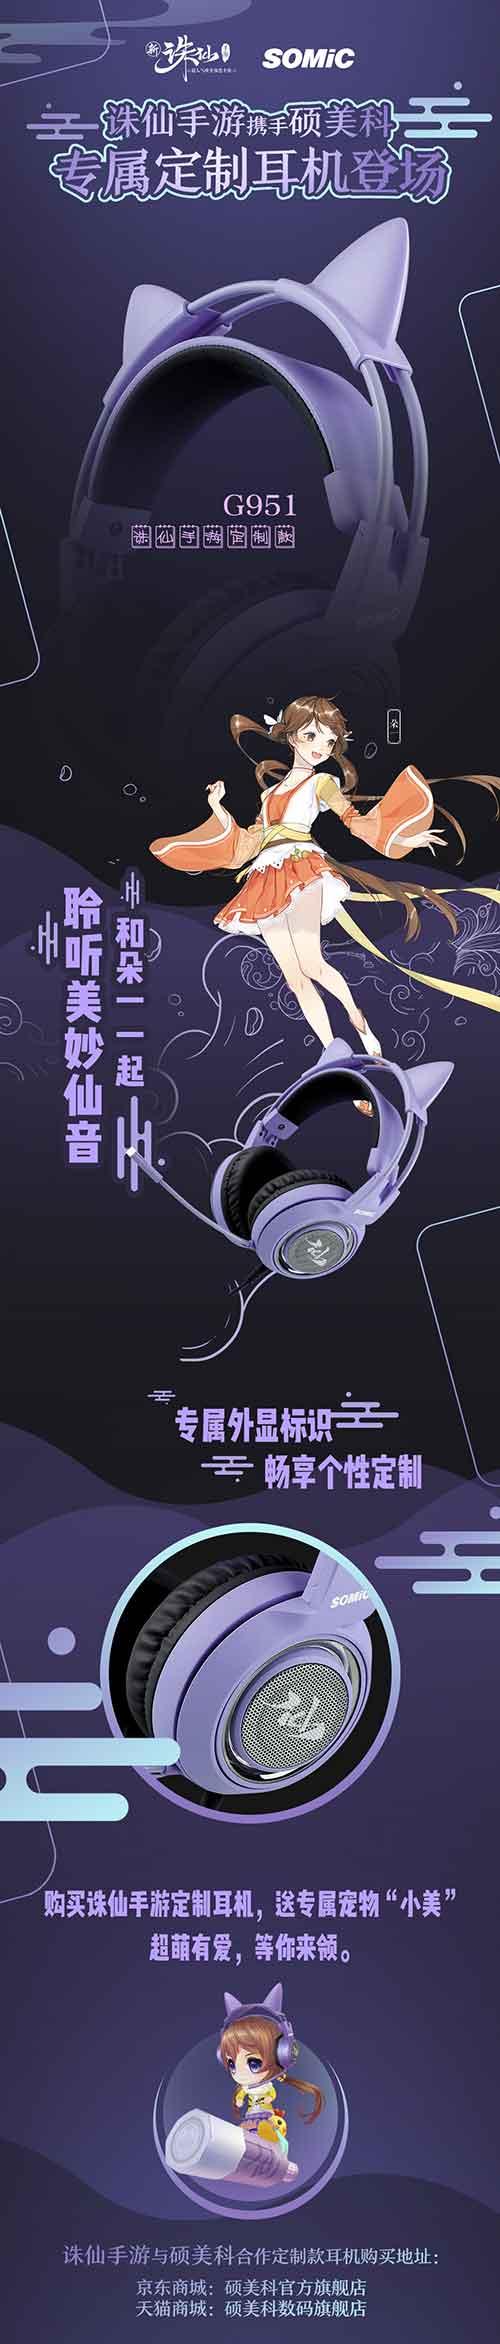 图片: 图3+诛仙专属定制耳机.jpg